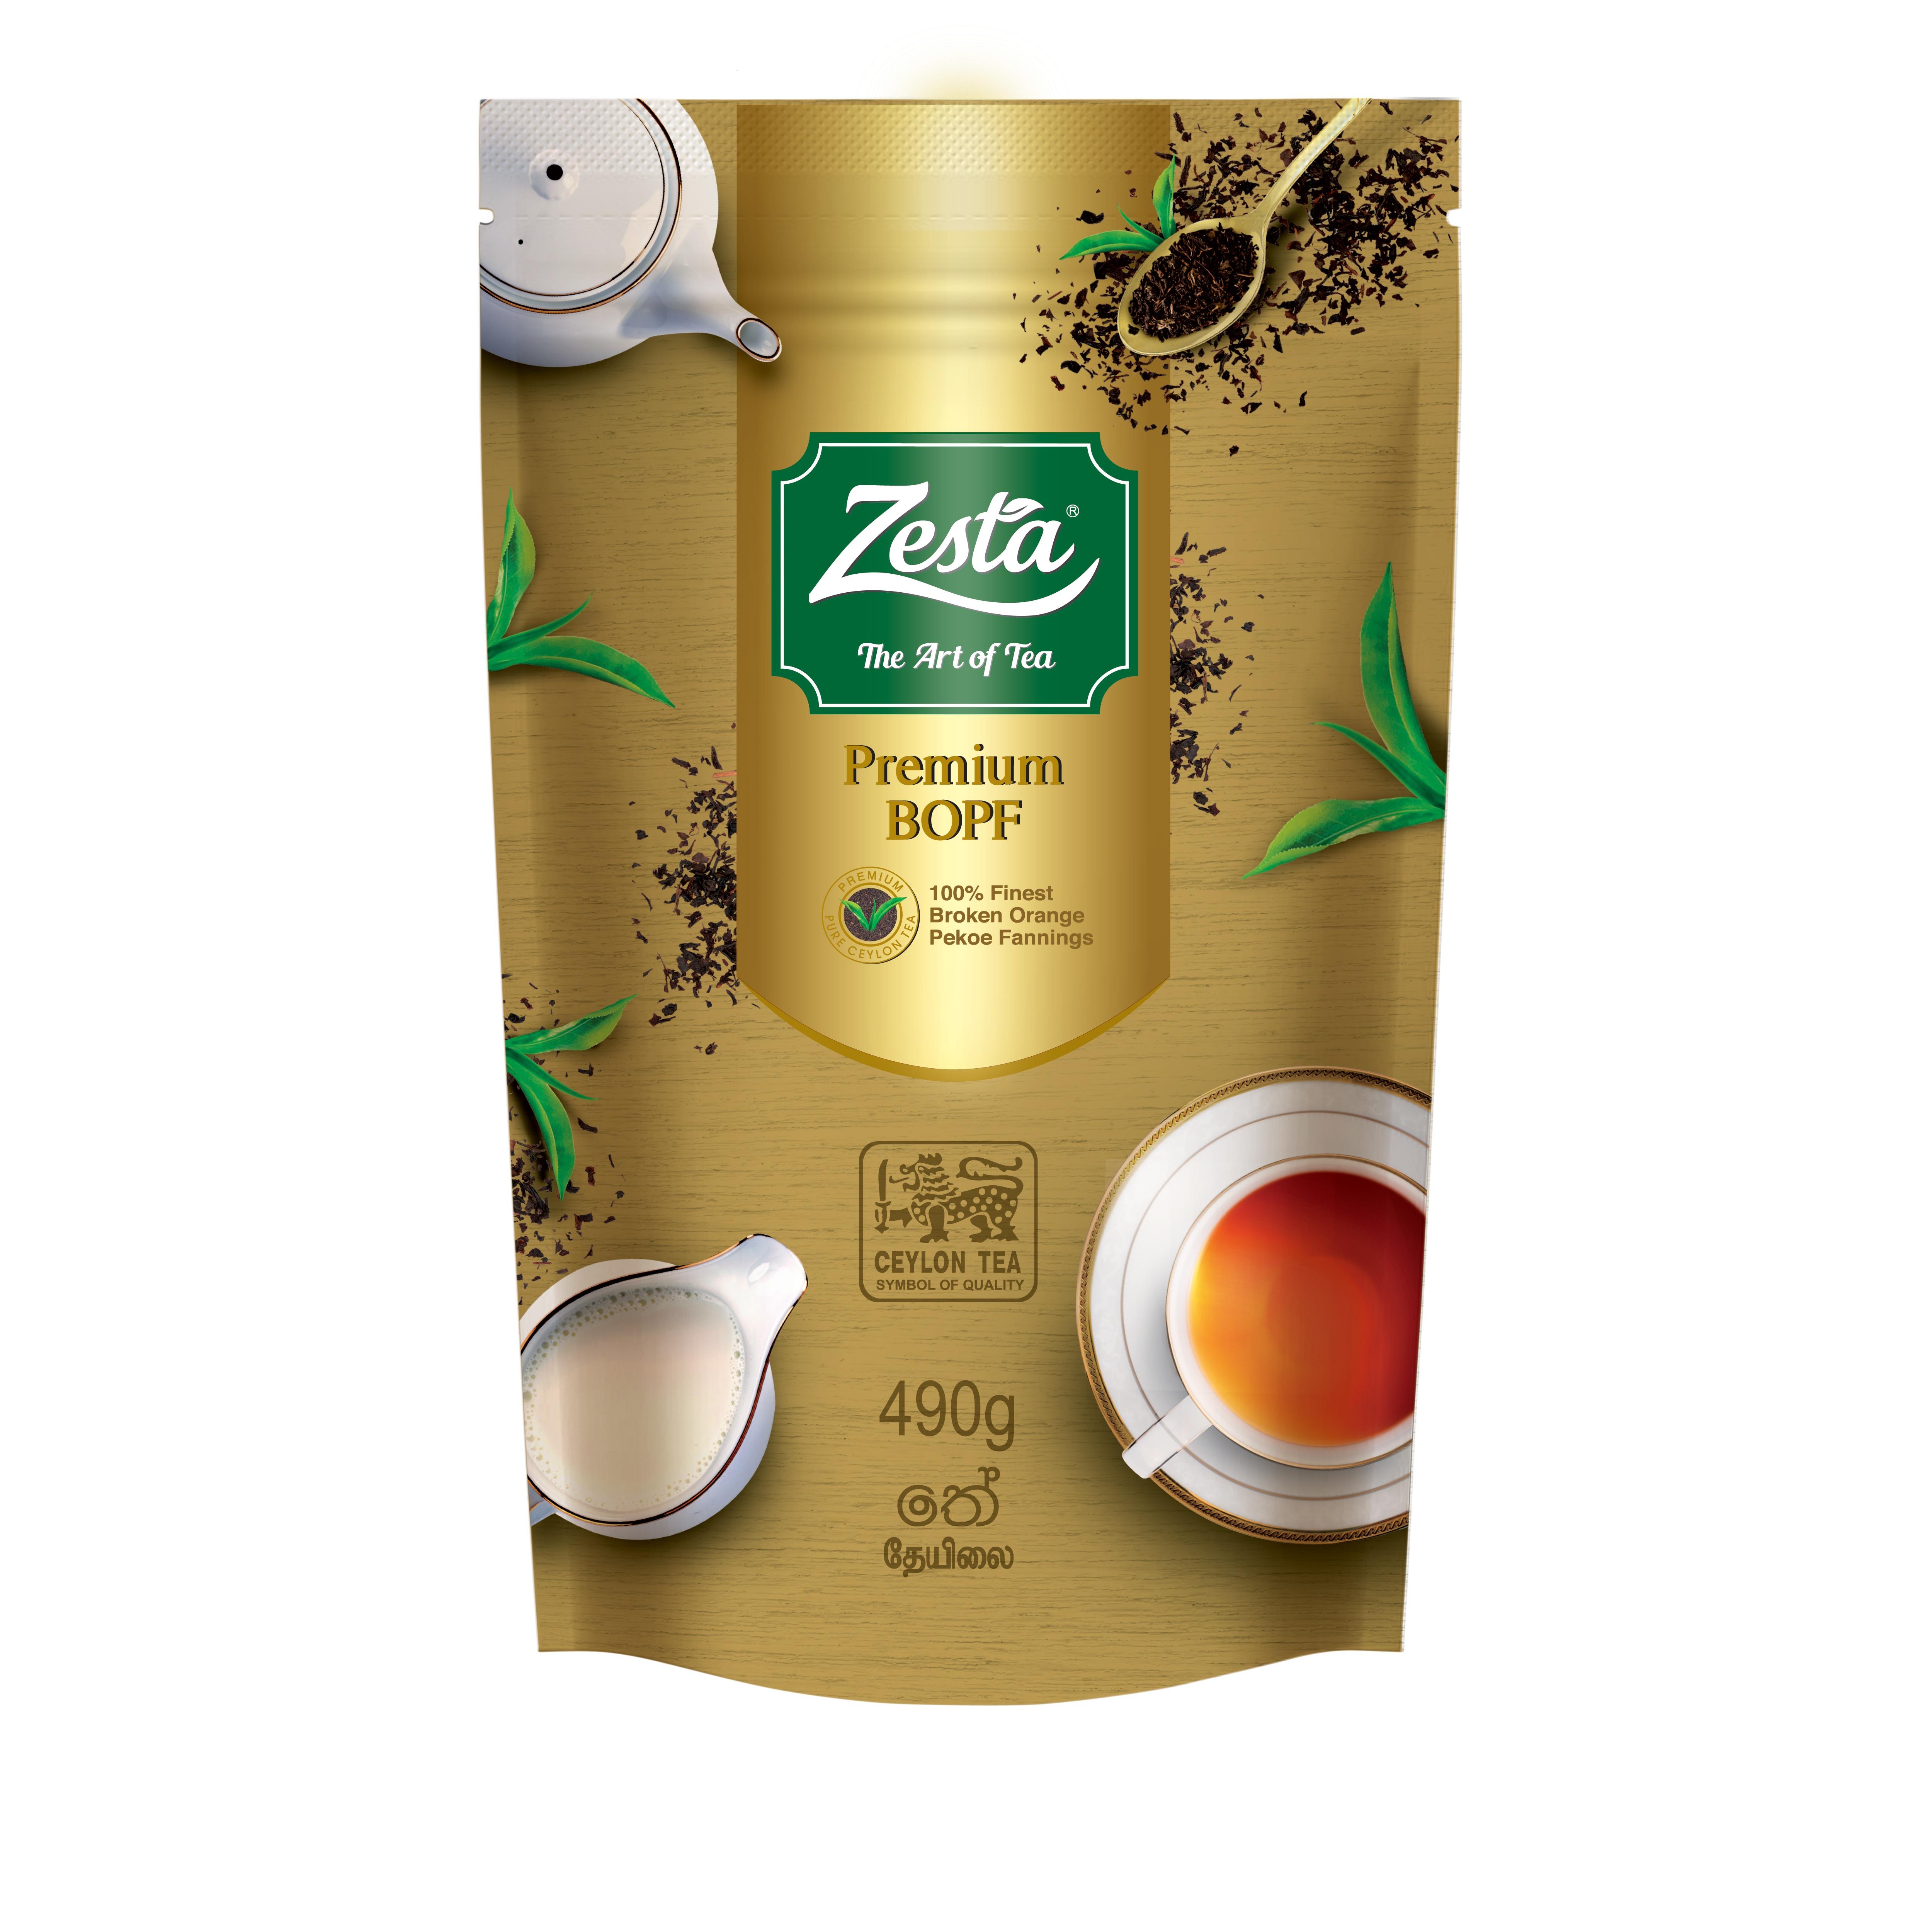 ZESTA TEA 490G - ZESTA - Tea - in Sri Lanka